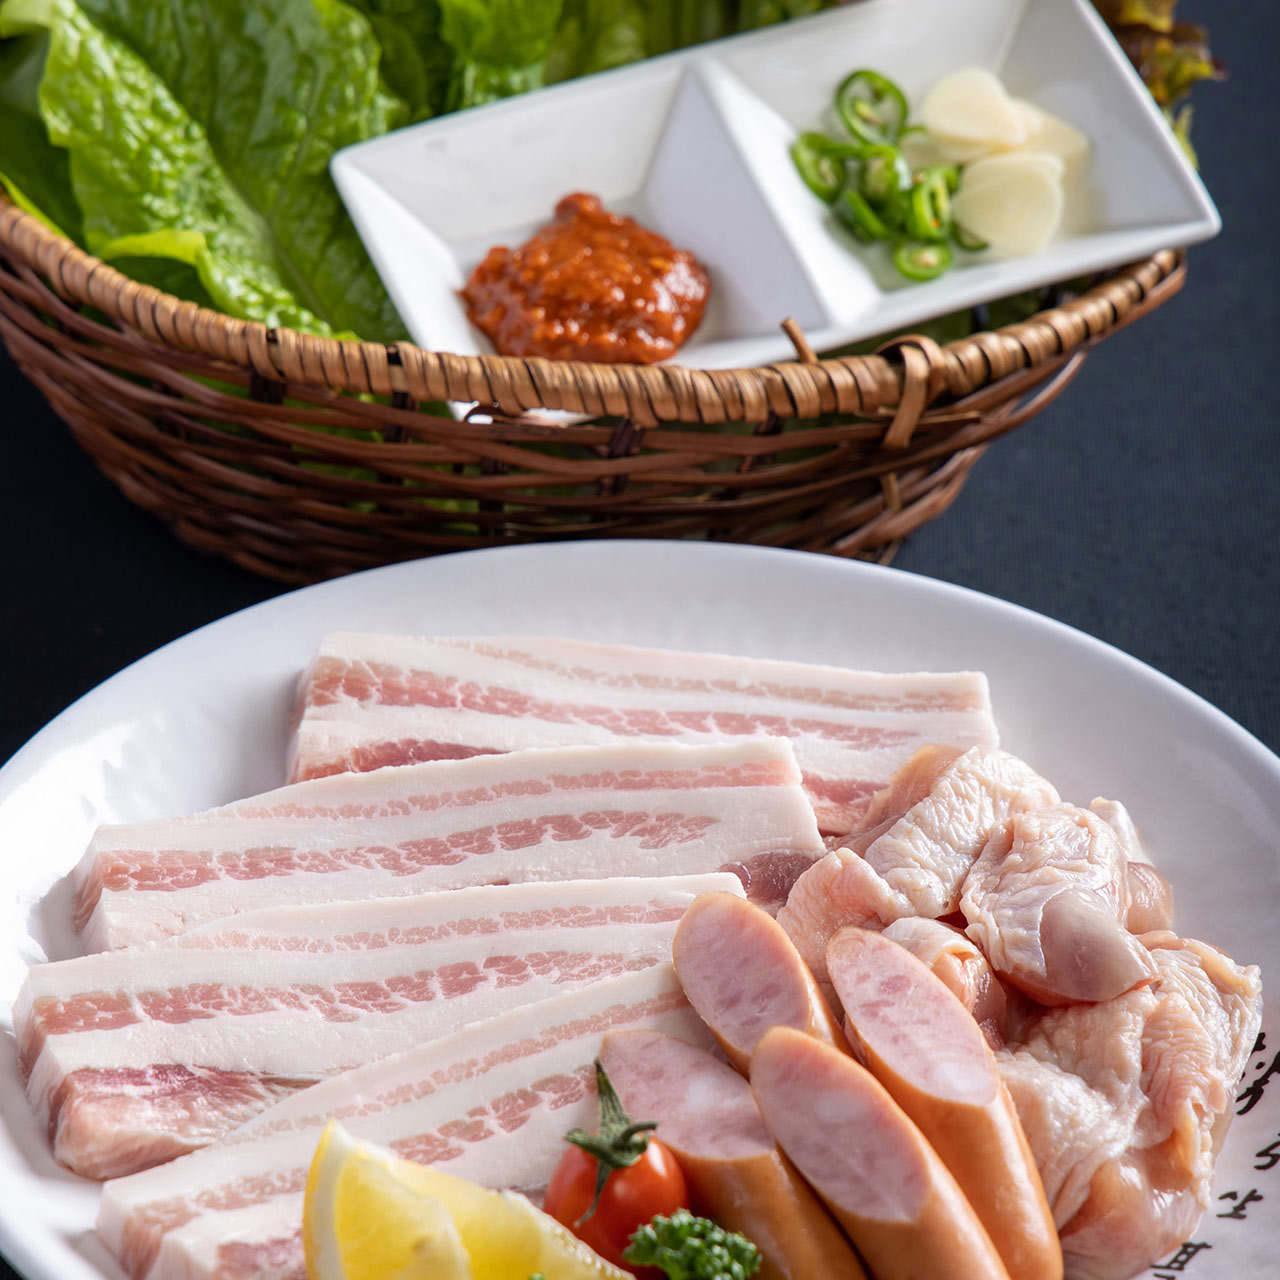 サムギョプサルや韓国冷麺など人気韓国メニューを味わい尽くす『モイジャ食べ放題コース』[全10品]